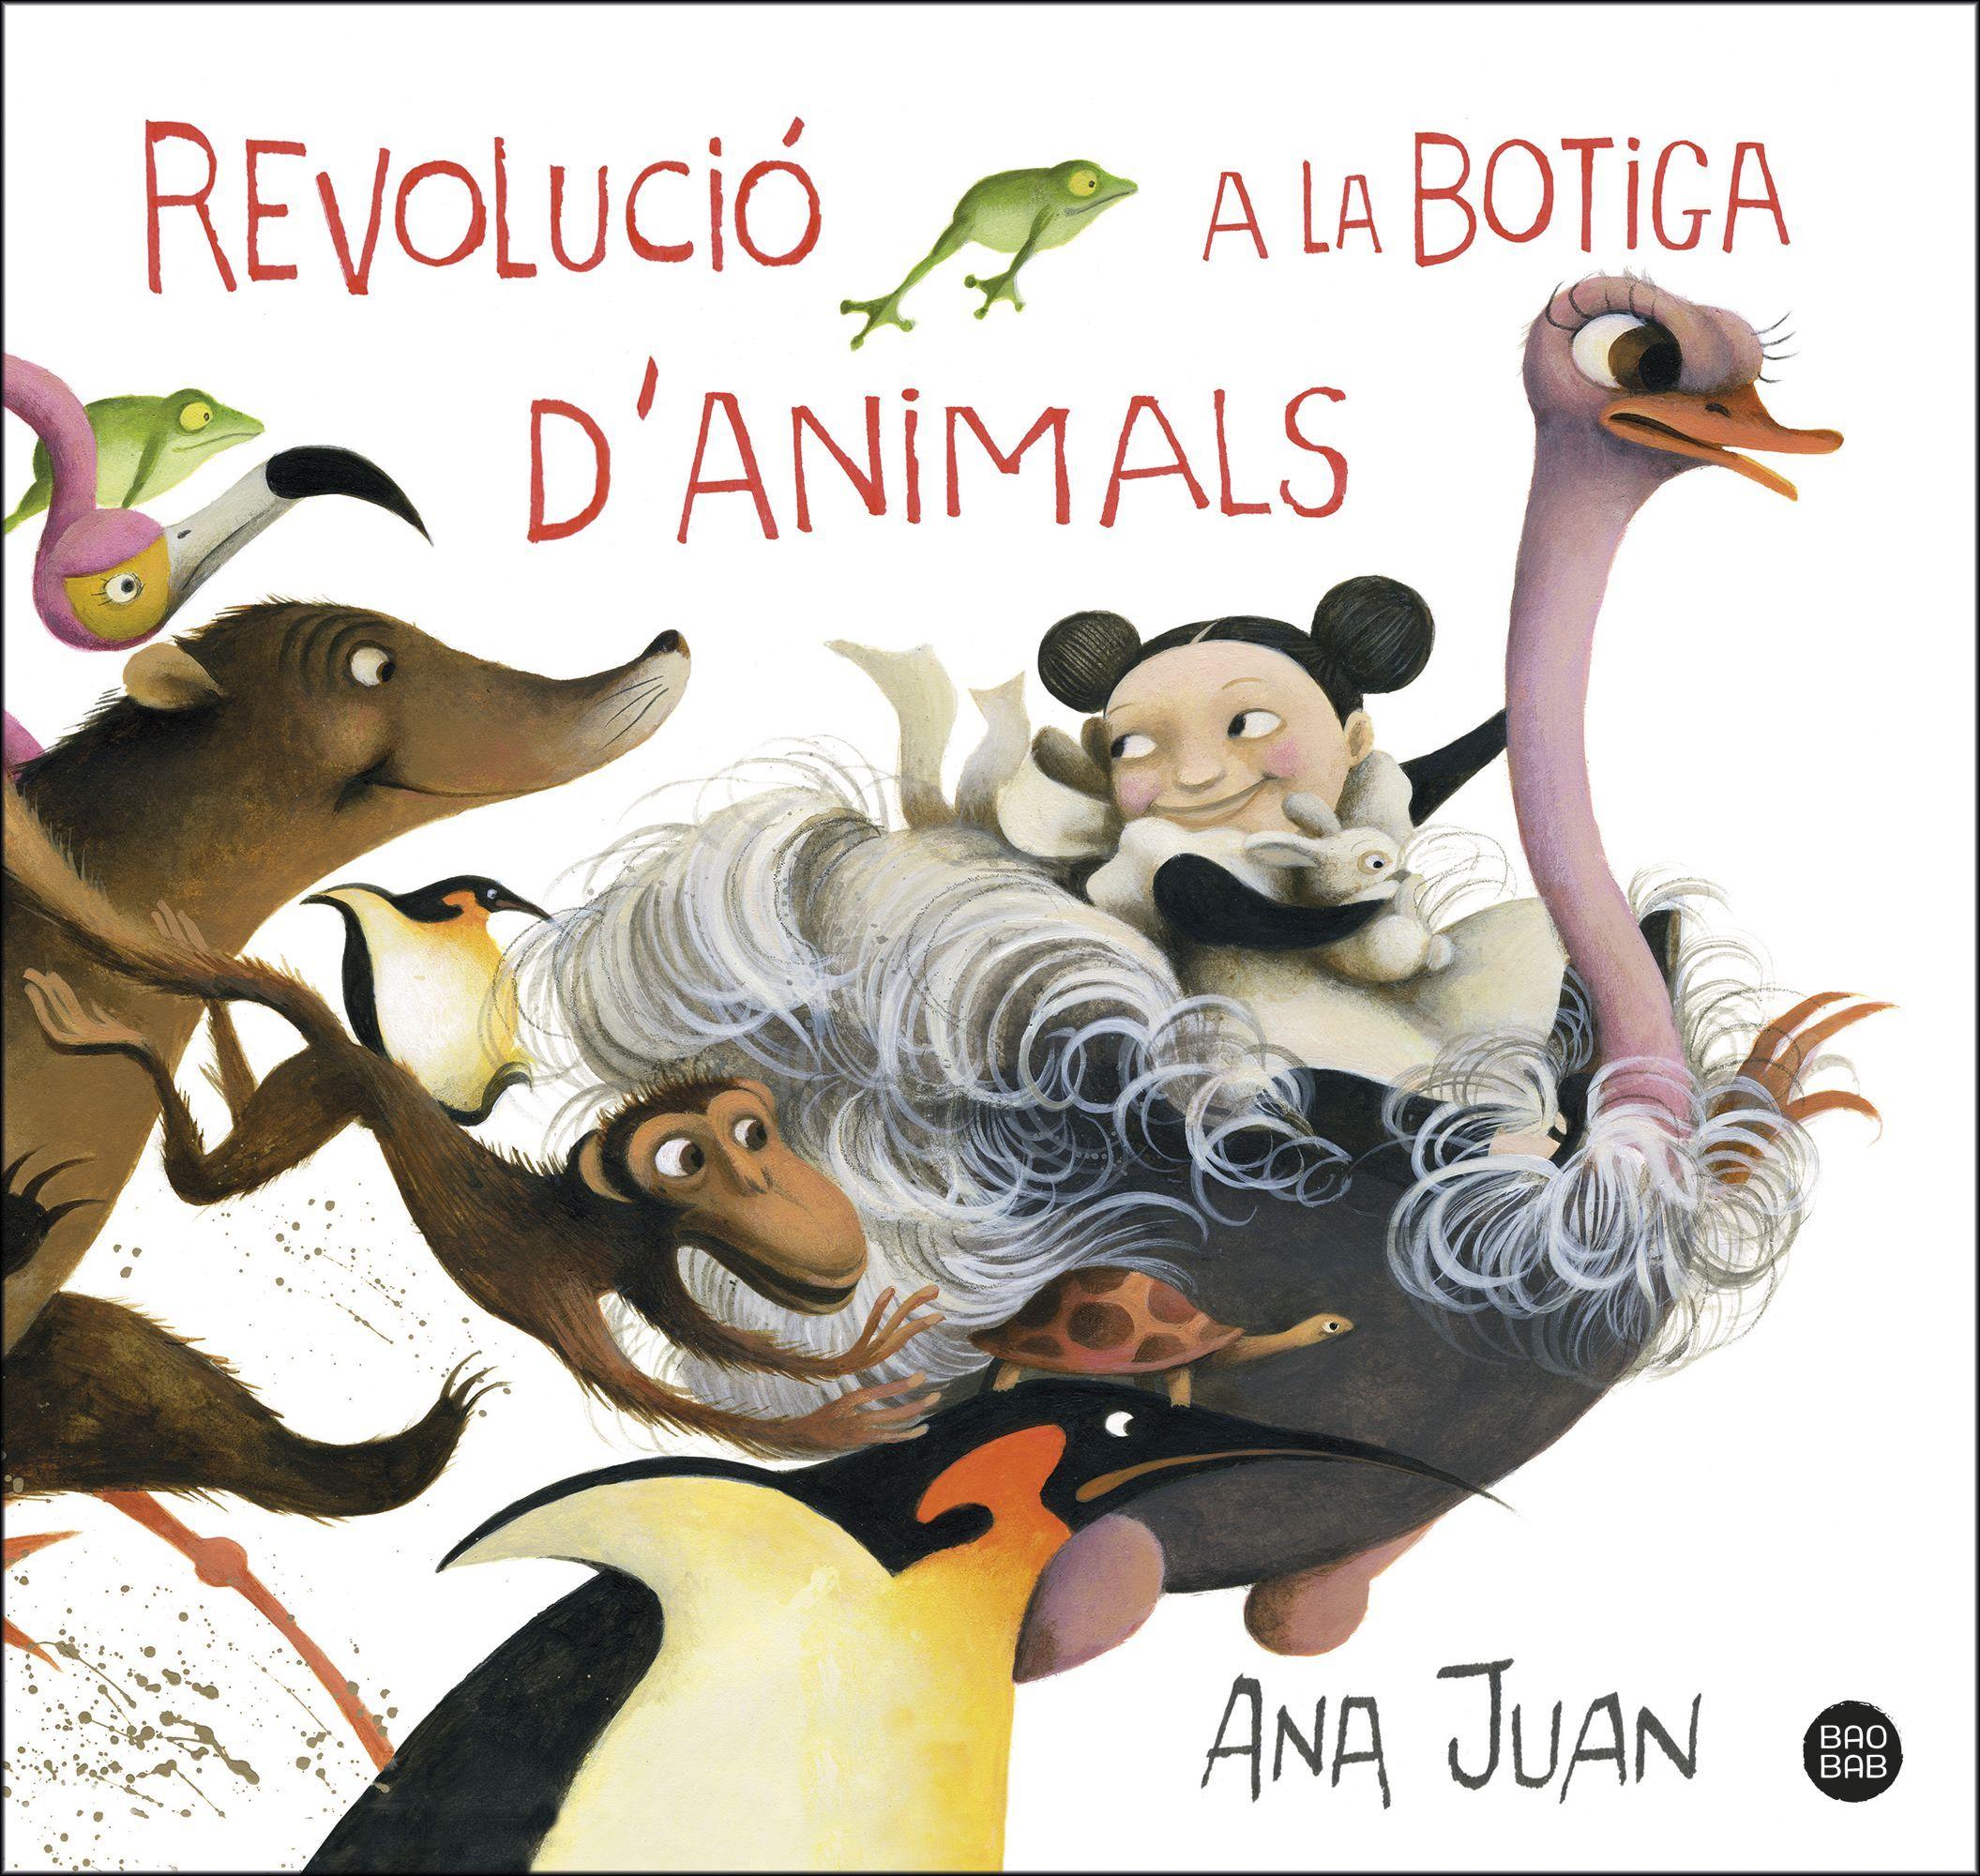 REVOLUCIO A LA BOTIGA D ANIMALS